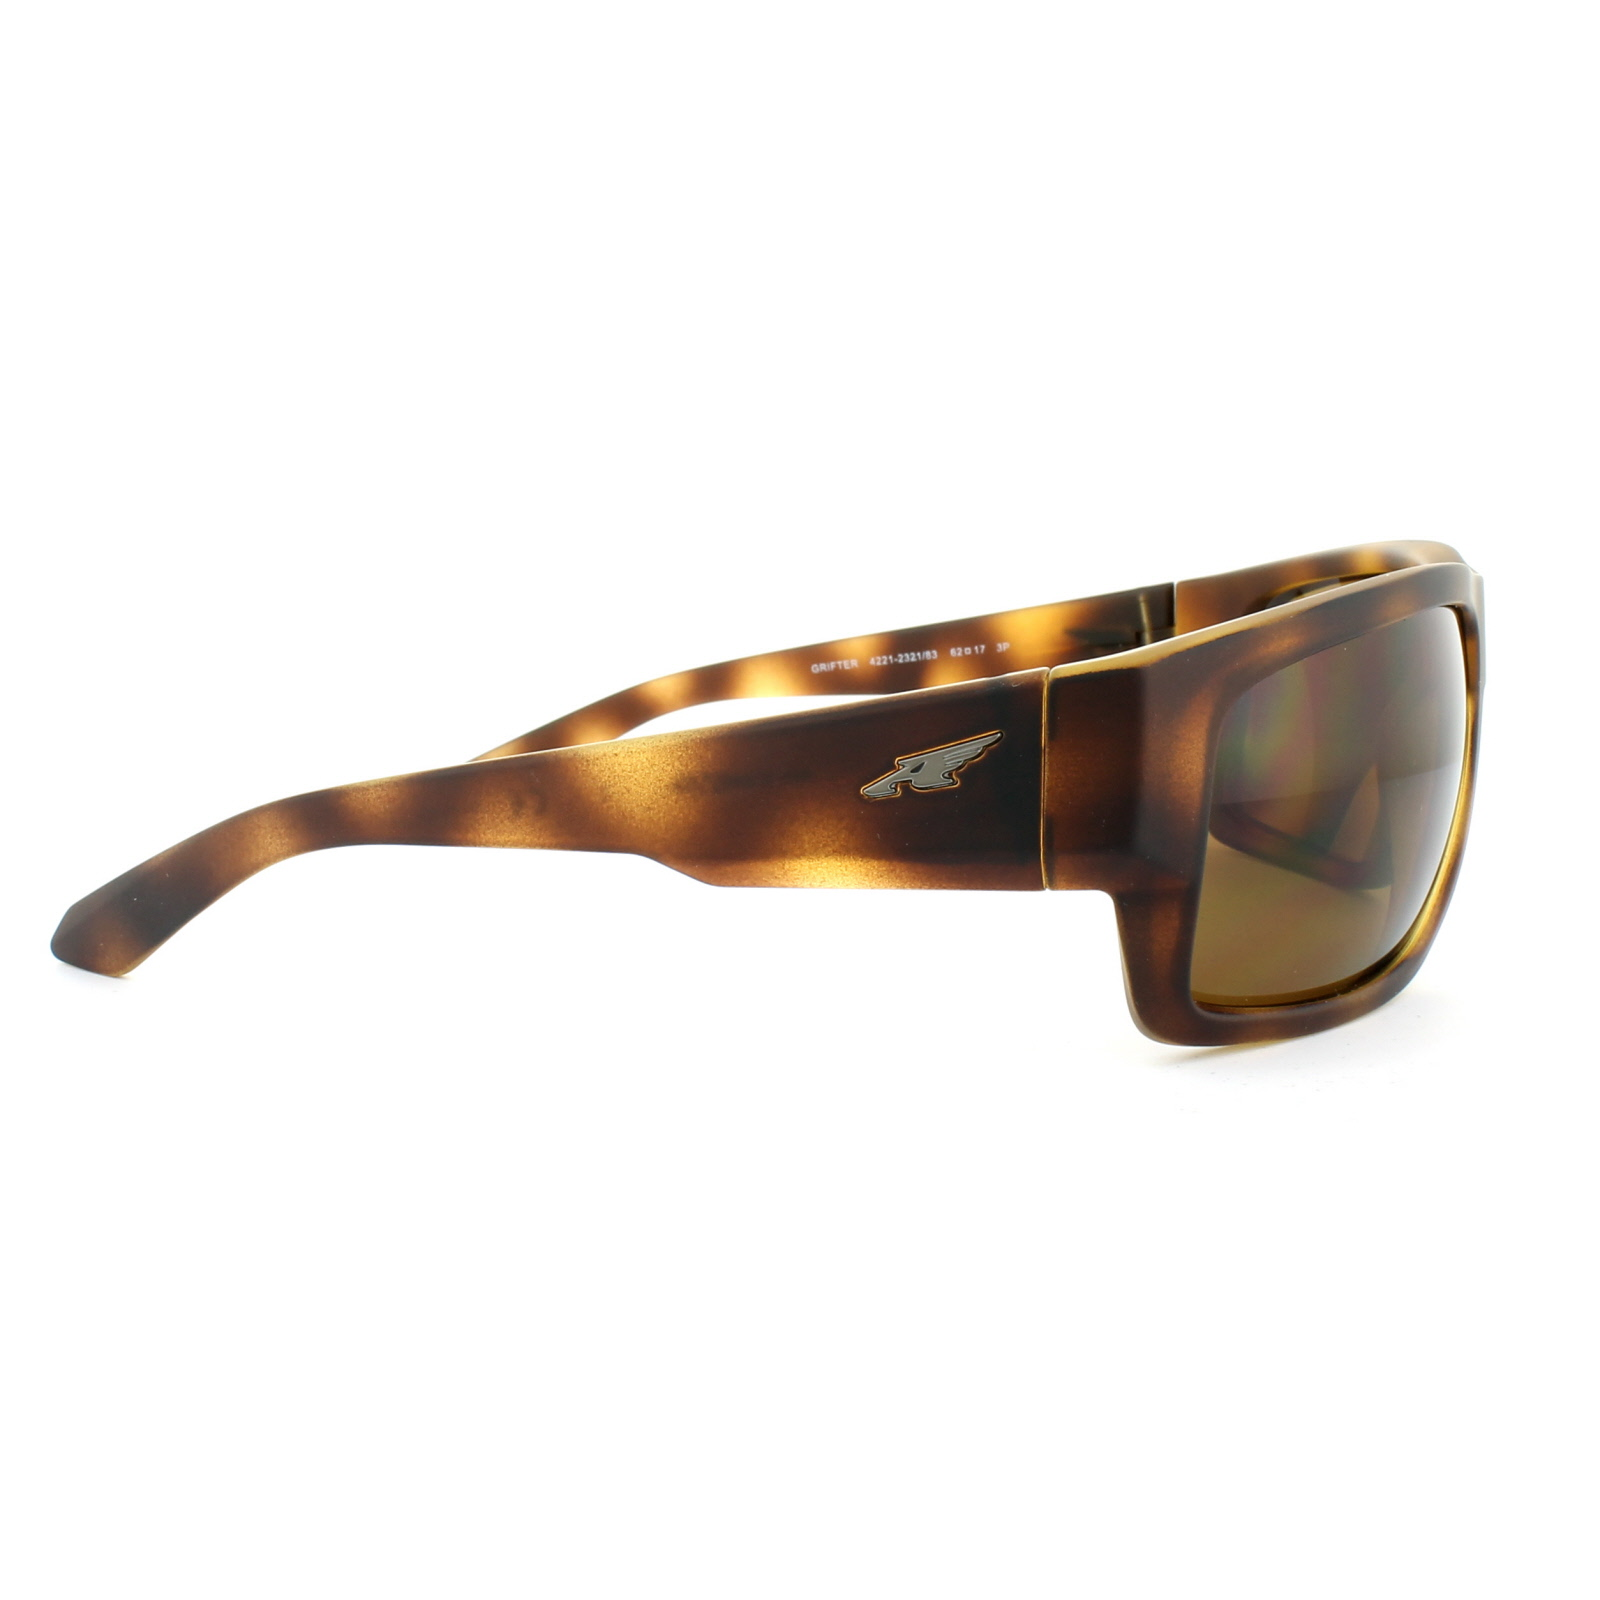 d1457228a5 Arnette 4221 Grifter Sunglasses Thumbnail 1 Arnette 4221 Grifter Sunglasses  Thumbnail 2 Arnette 4221 Grifter Sunglasses Thumbnail 3 ...